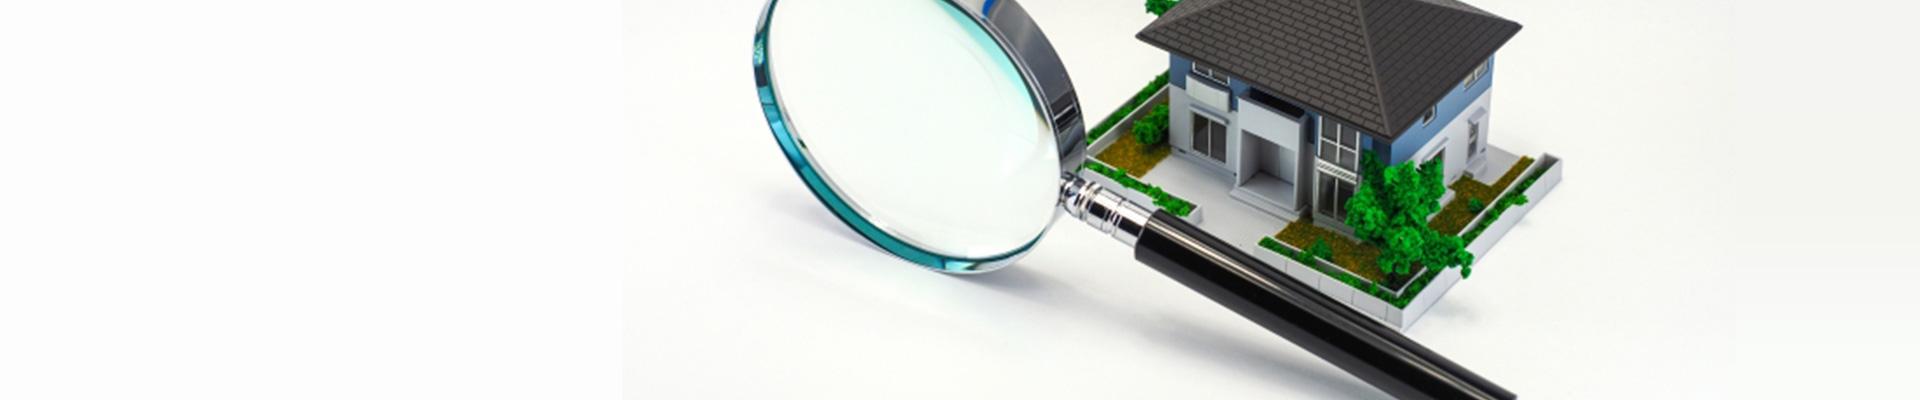 金属サイディングカバー工法のメリット